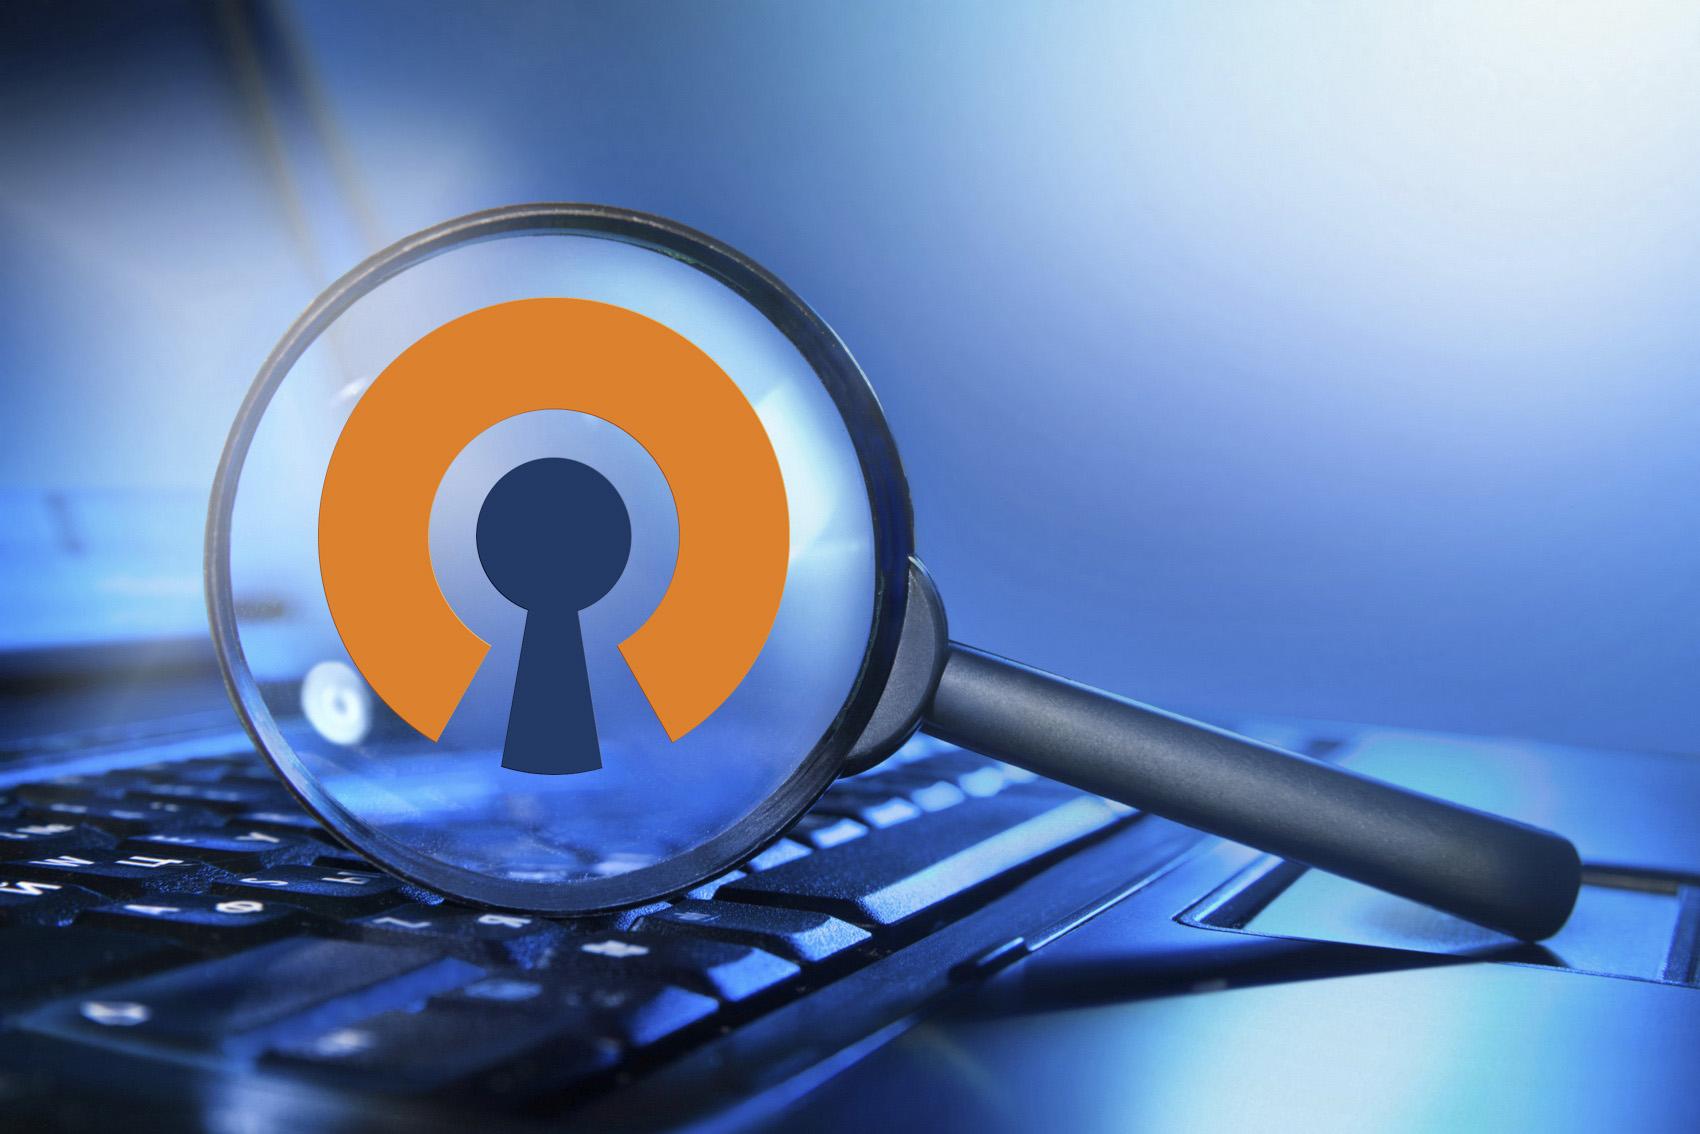 Известный эксперт Мэтью Грин проведет аудит OpenVPN